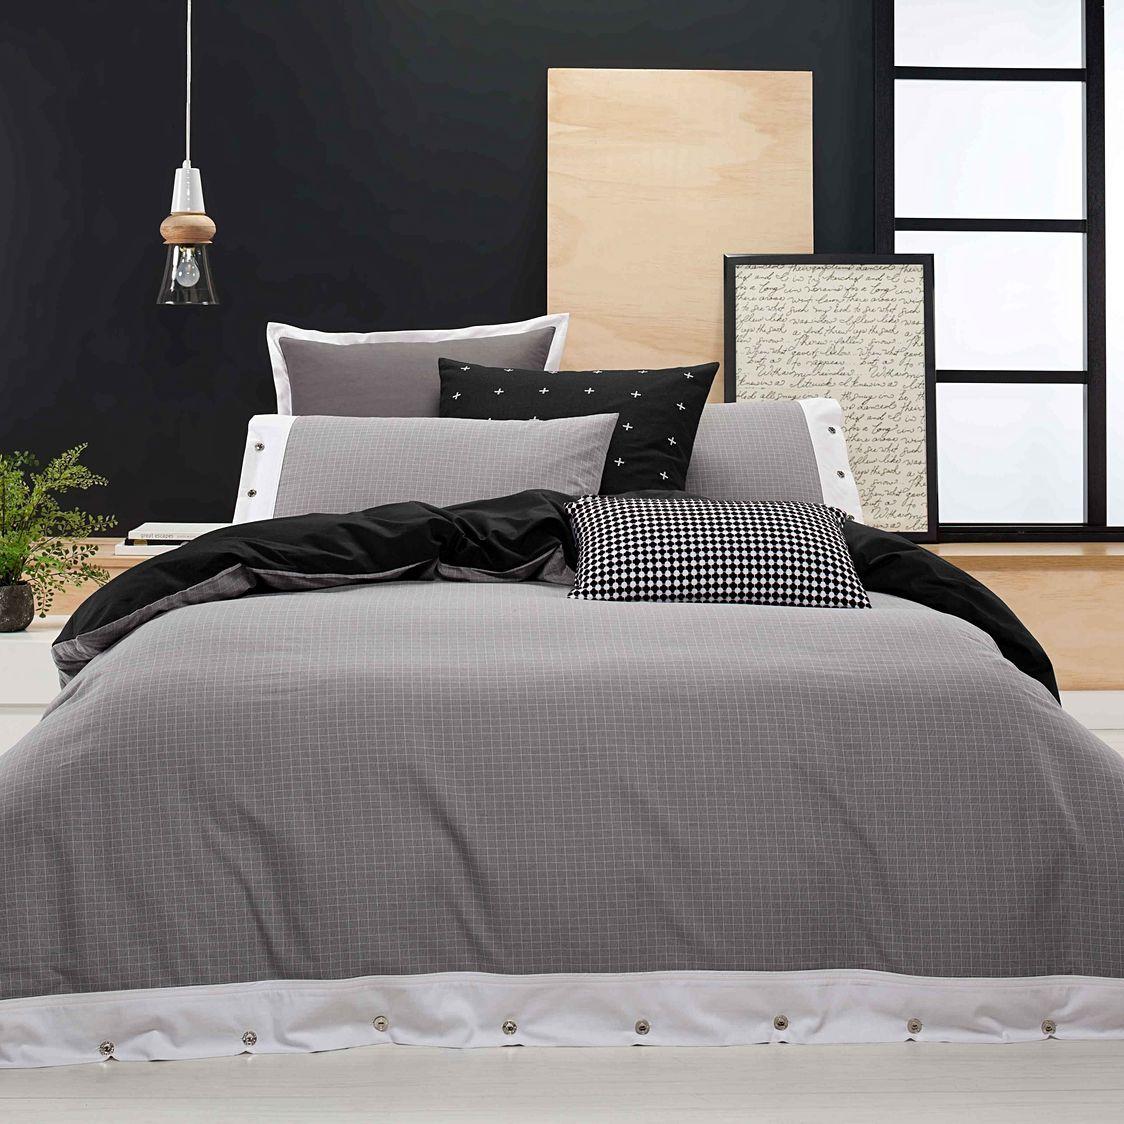 Designers Choice William Quilt Cover Set   Zanui.com.au   For The ... : bed quilt cover sets - Adamdwight.com